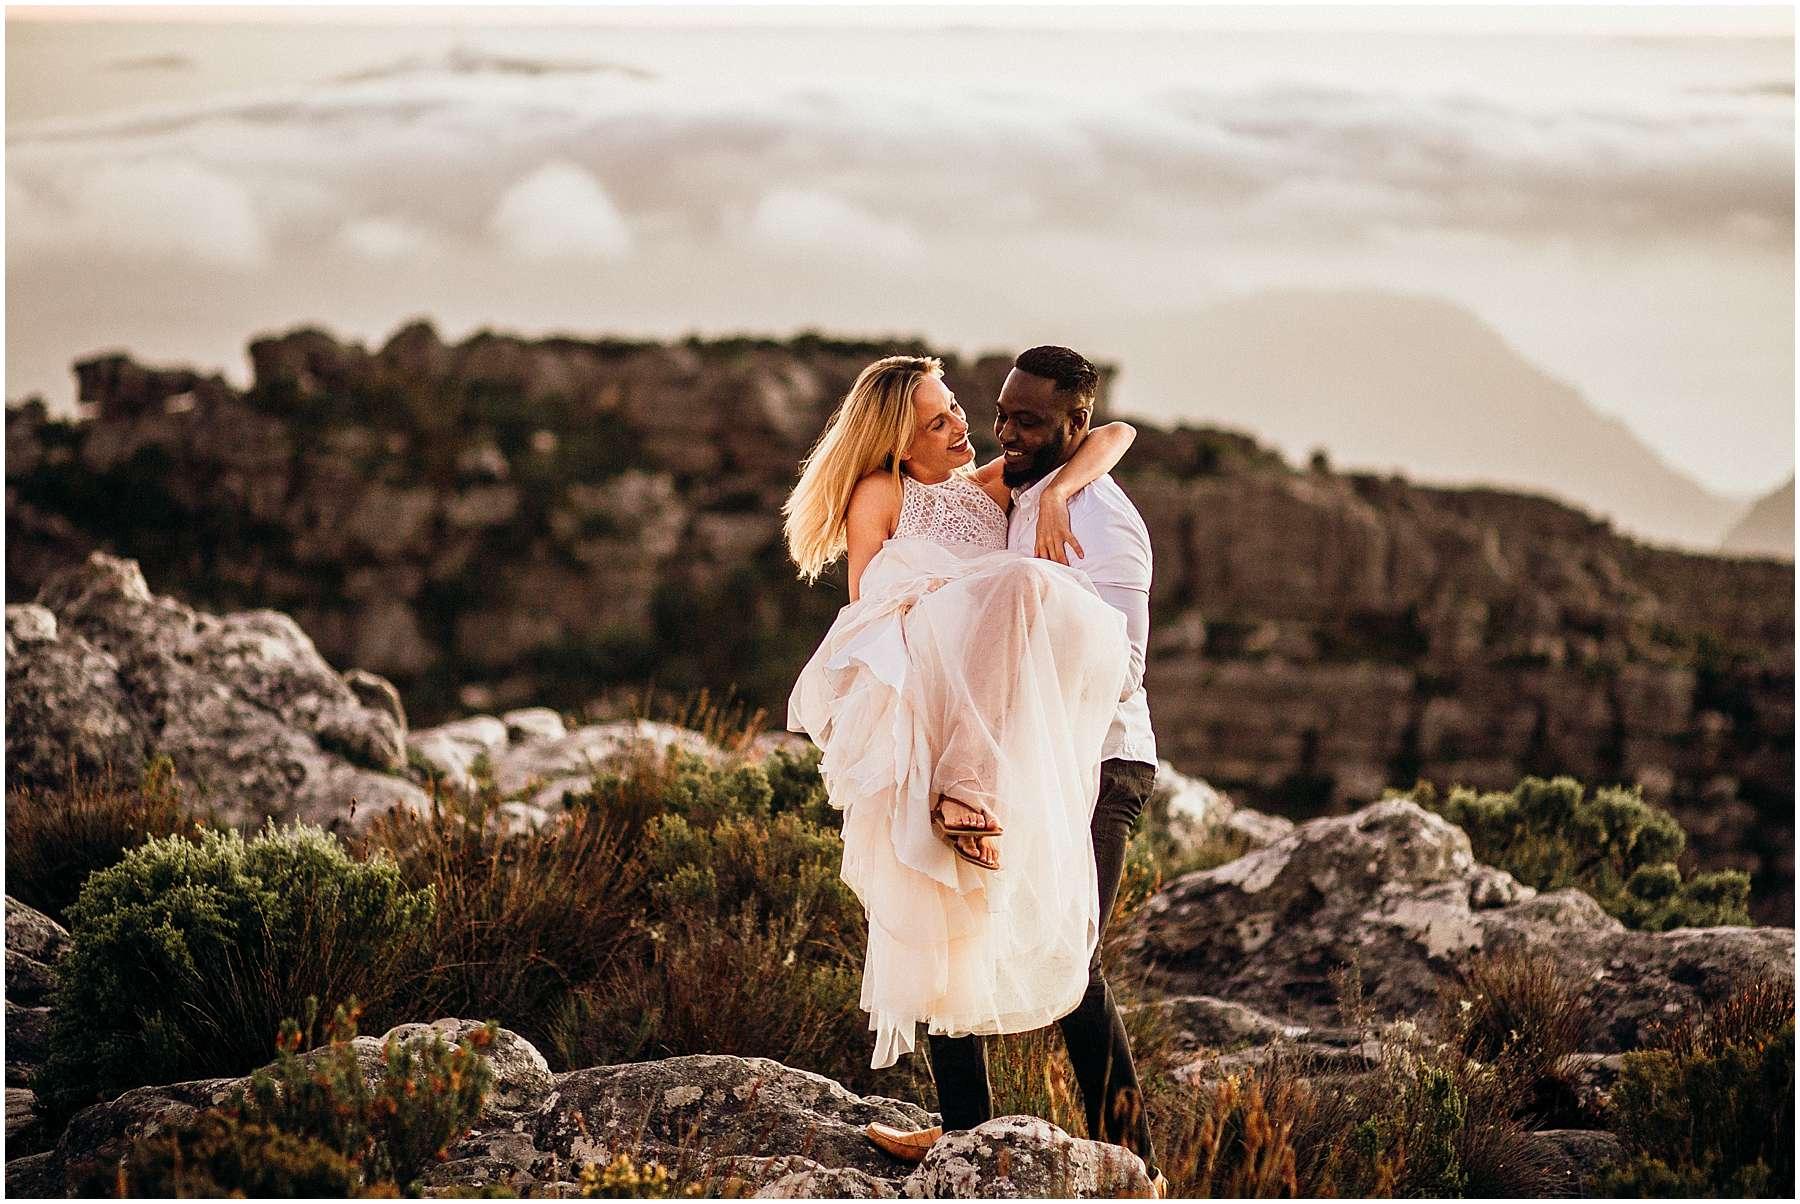 LOTTYH-South-Africa-Elopement-Photographer_0039.jpg